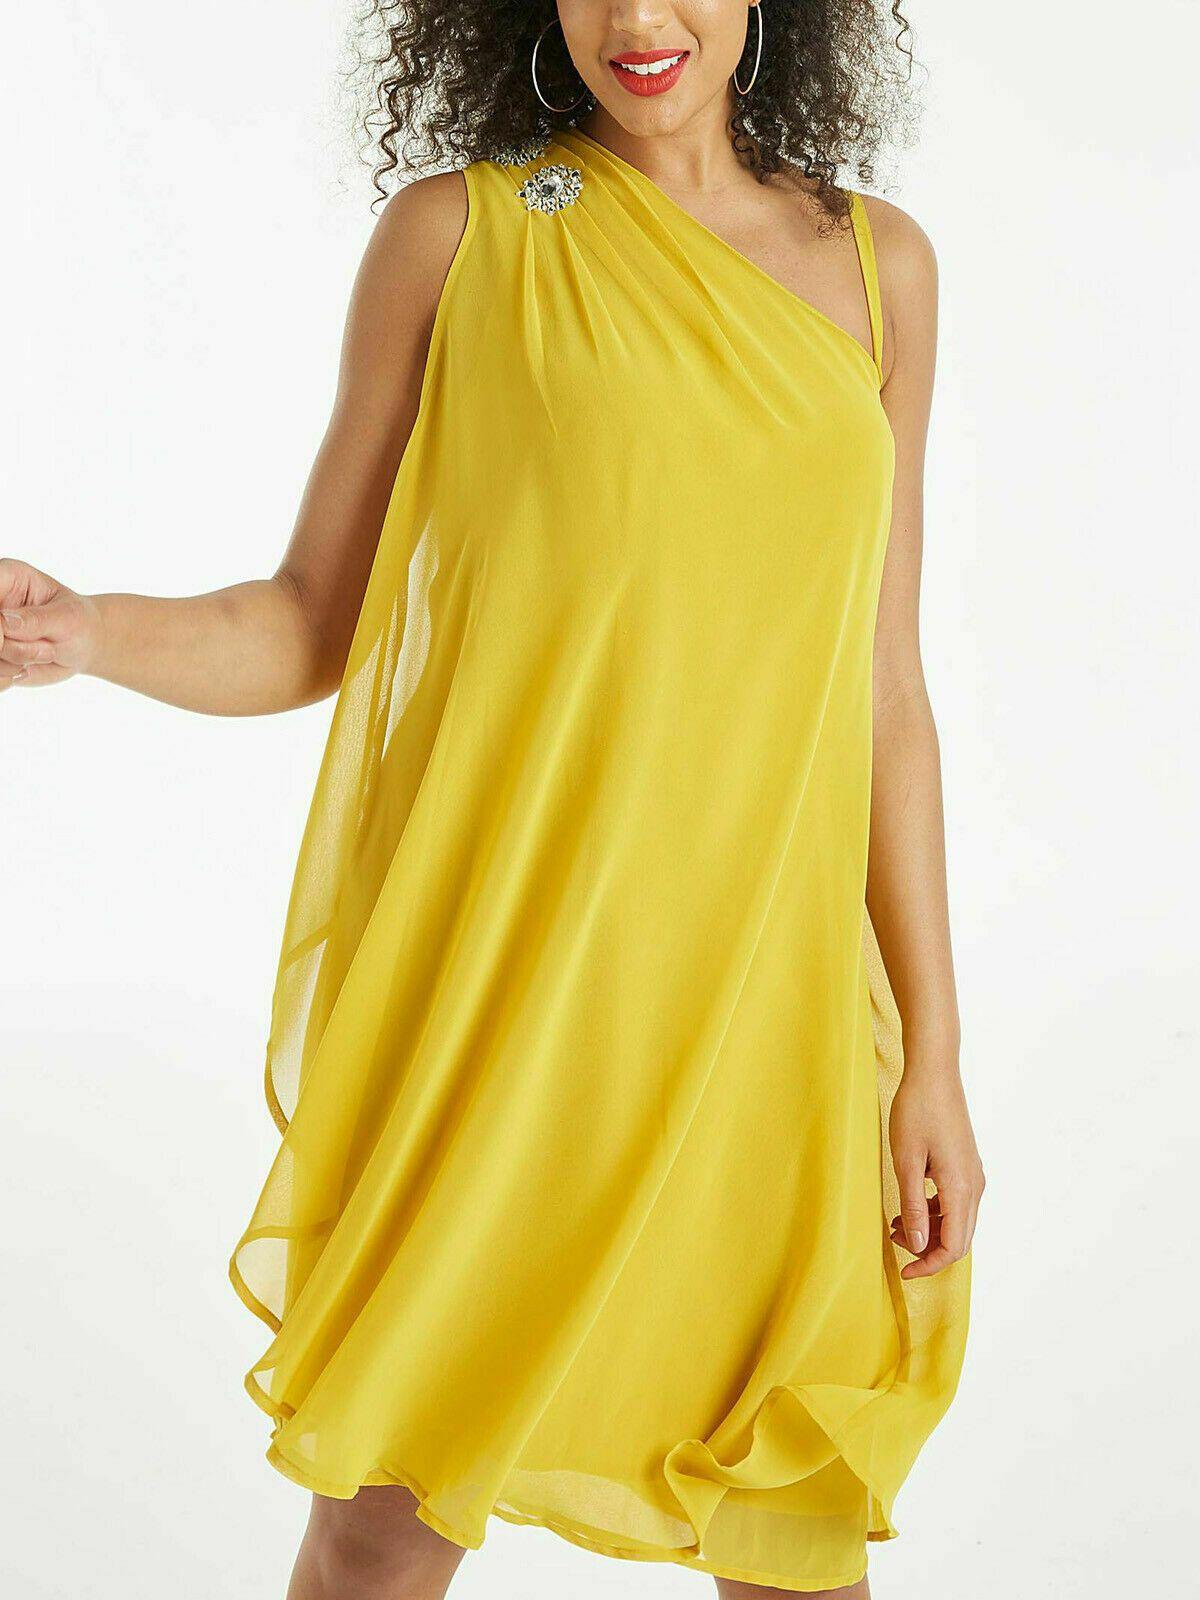 kleid gr.50+56 knielang sommerkleid gelb strass festlich